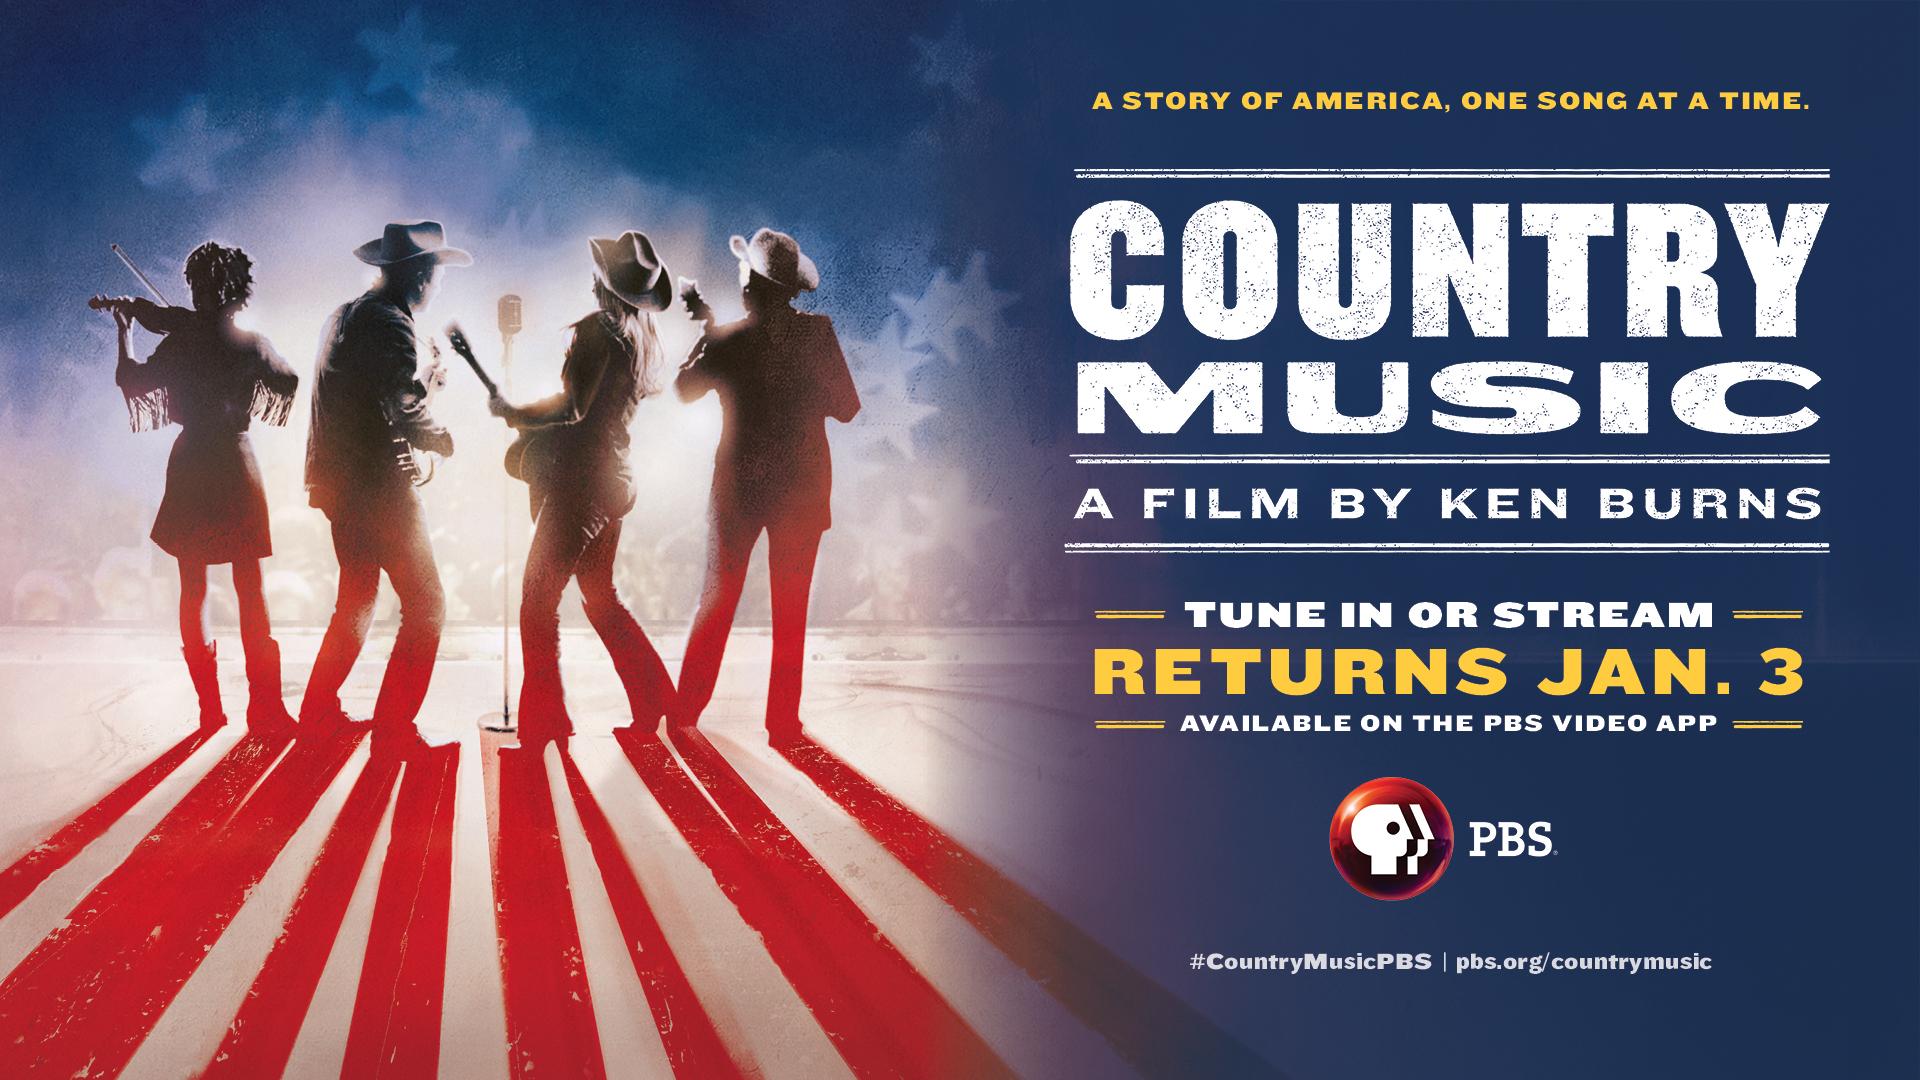 Country Music will return Jan. 3